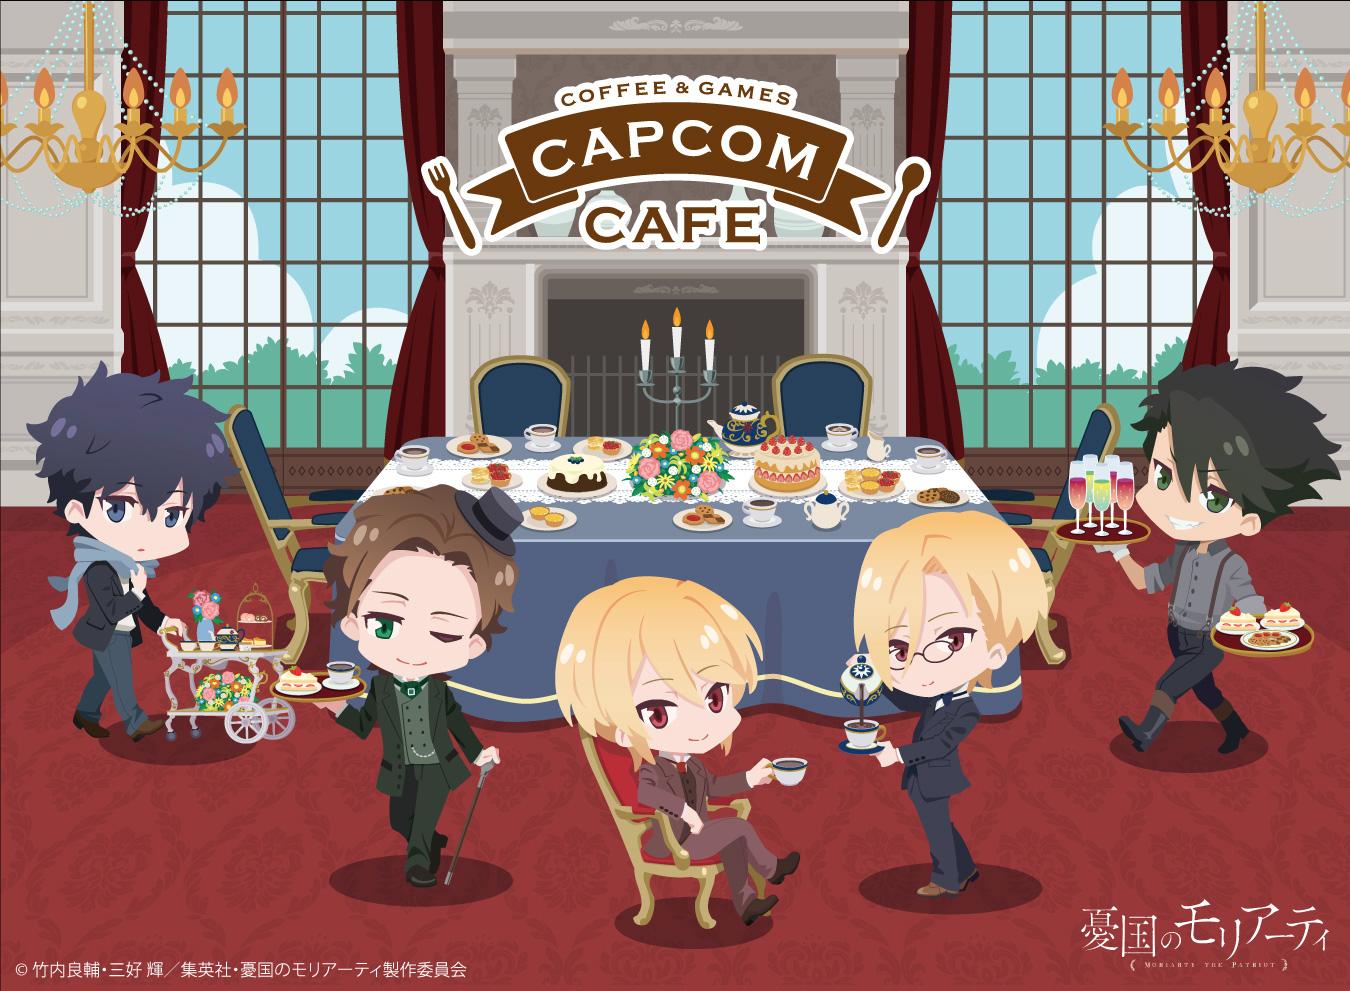 『憂国のモリアーティ』×「カプコンカフェ」カフェの準備をする5人が描かれた可愛らしいメインビジュアル公開